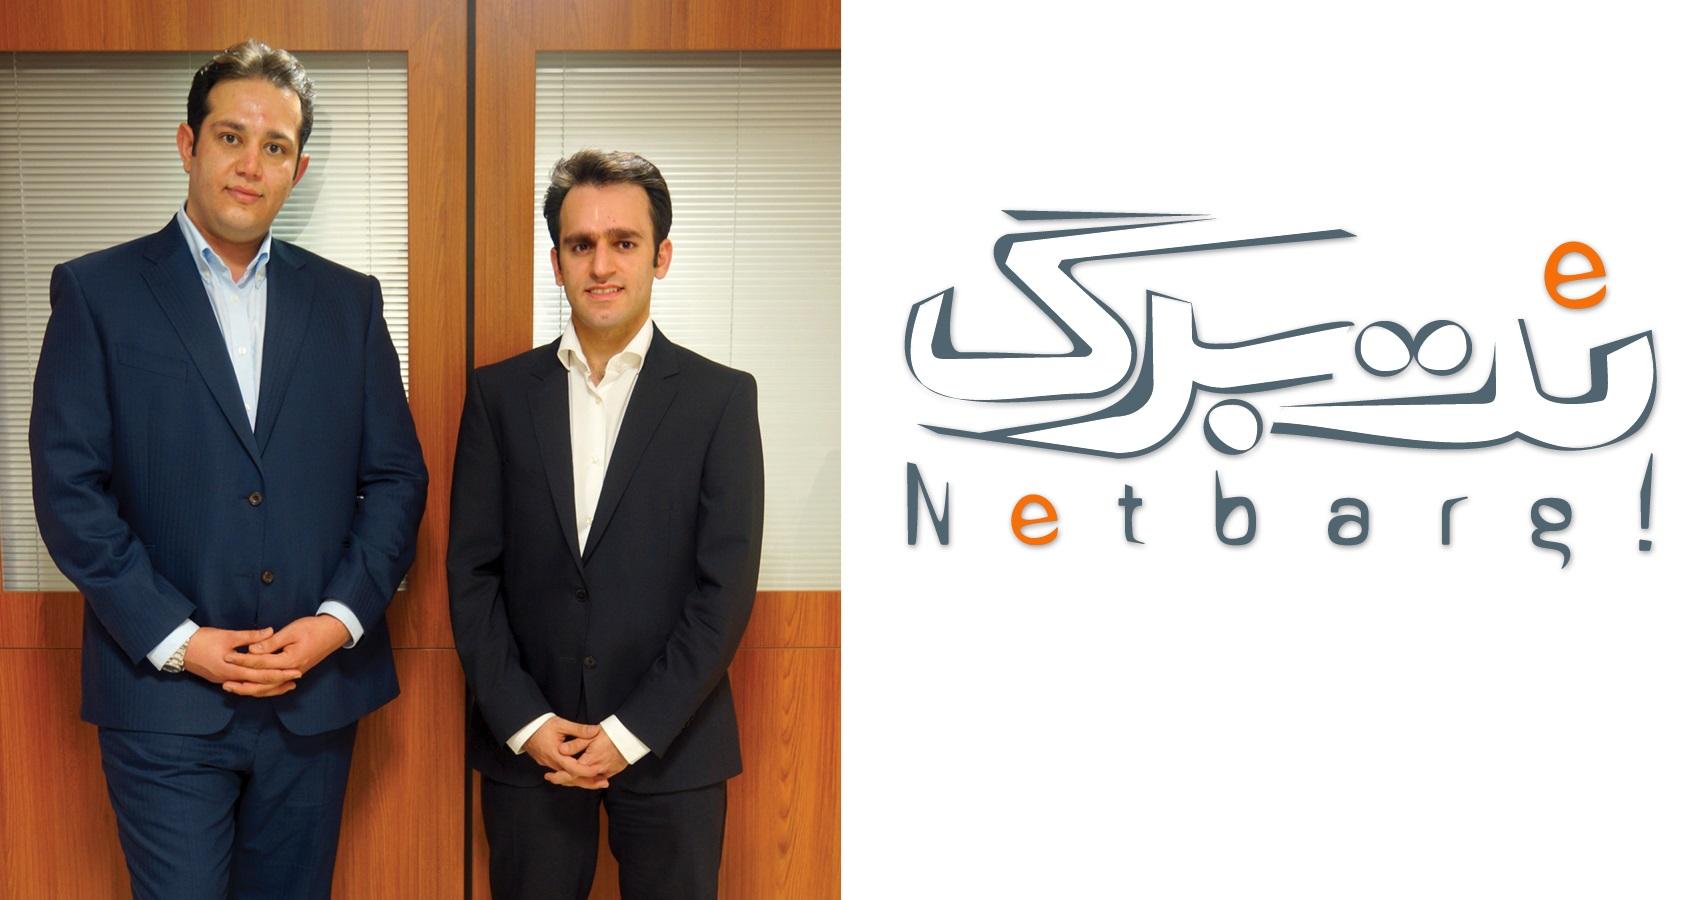 مصاحبه با موسس سایت نت برگ علیرضا صادقیان، موسس و مدیر نت برگ